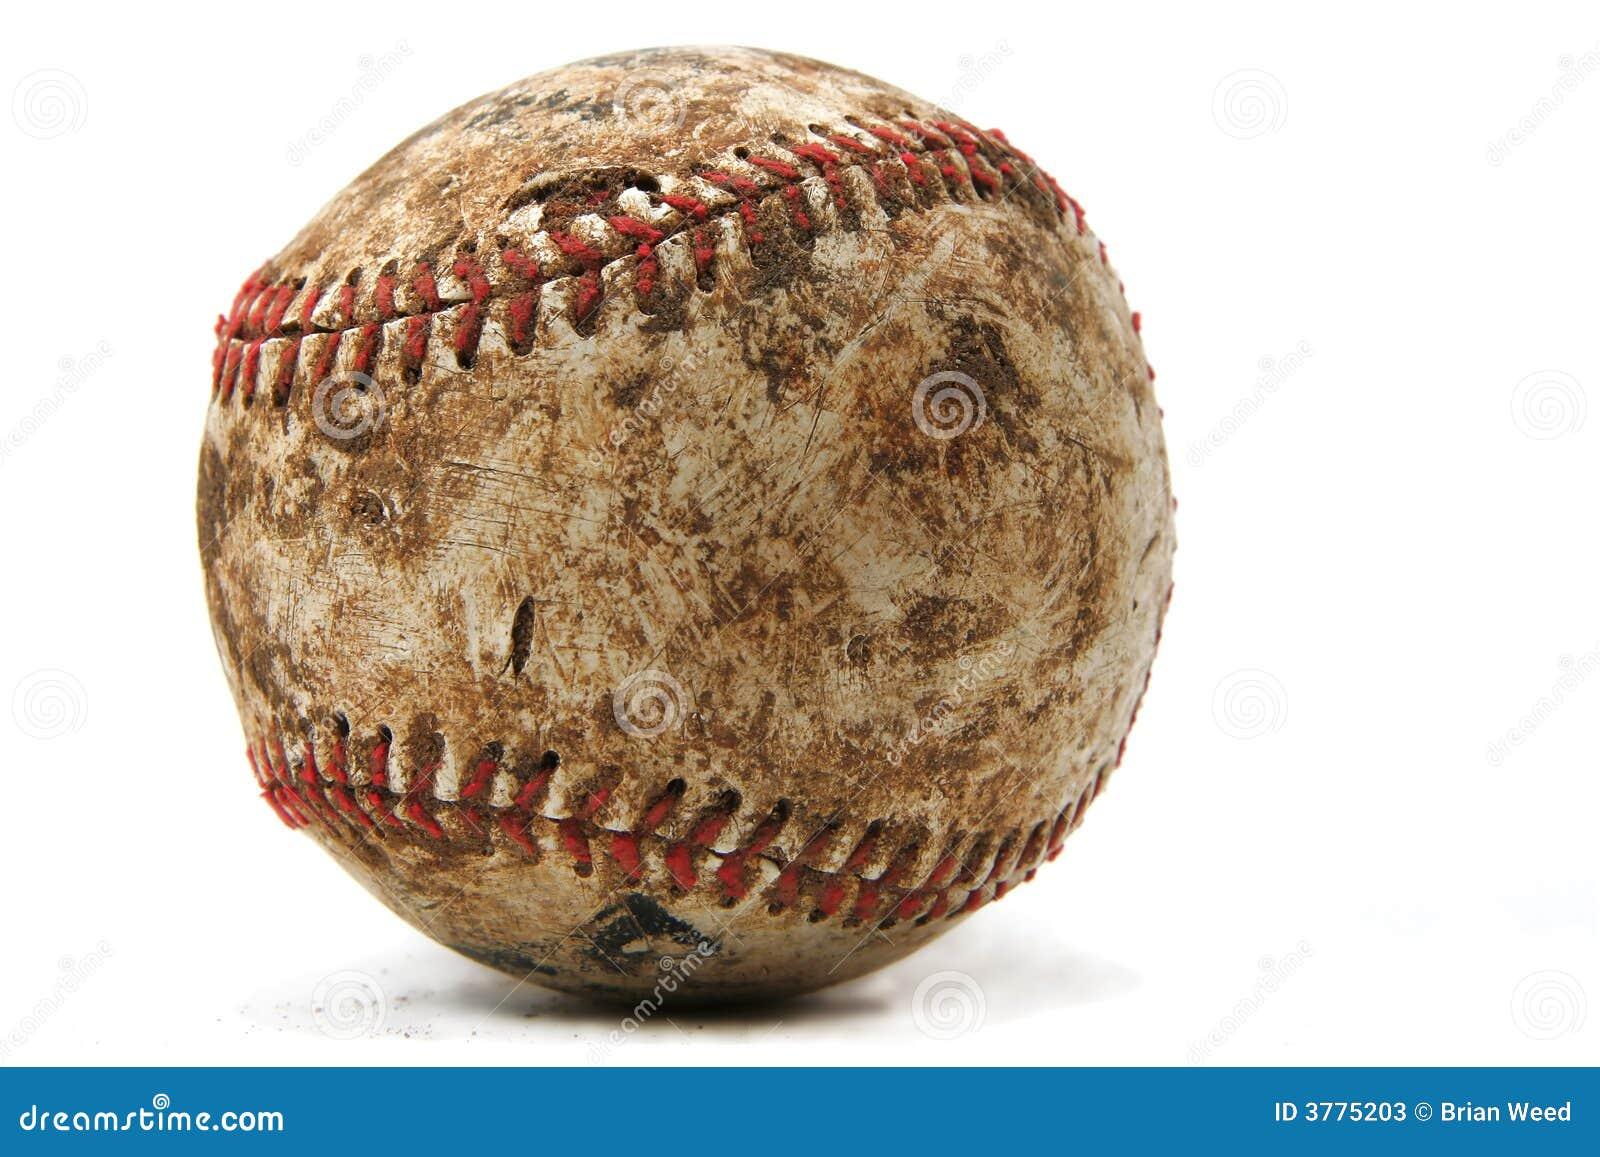 Viejo béisbol desgastado imagen de archivo. Imagen de aislado - 3775203